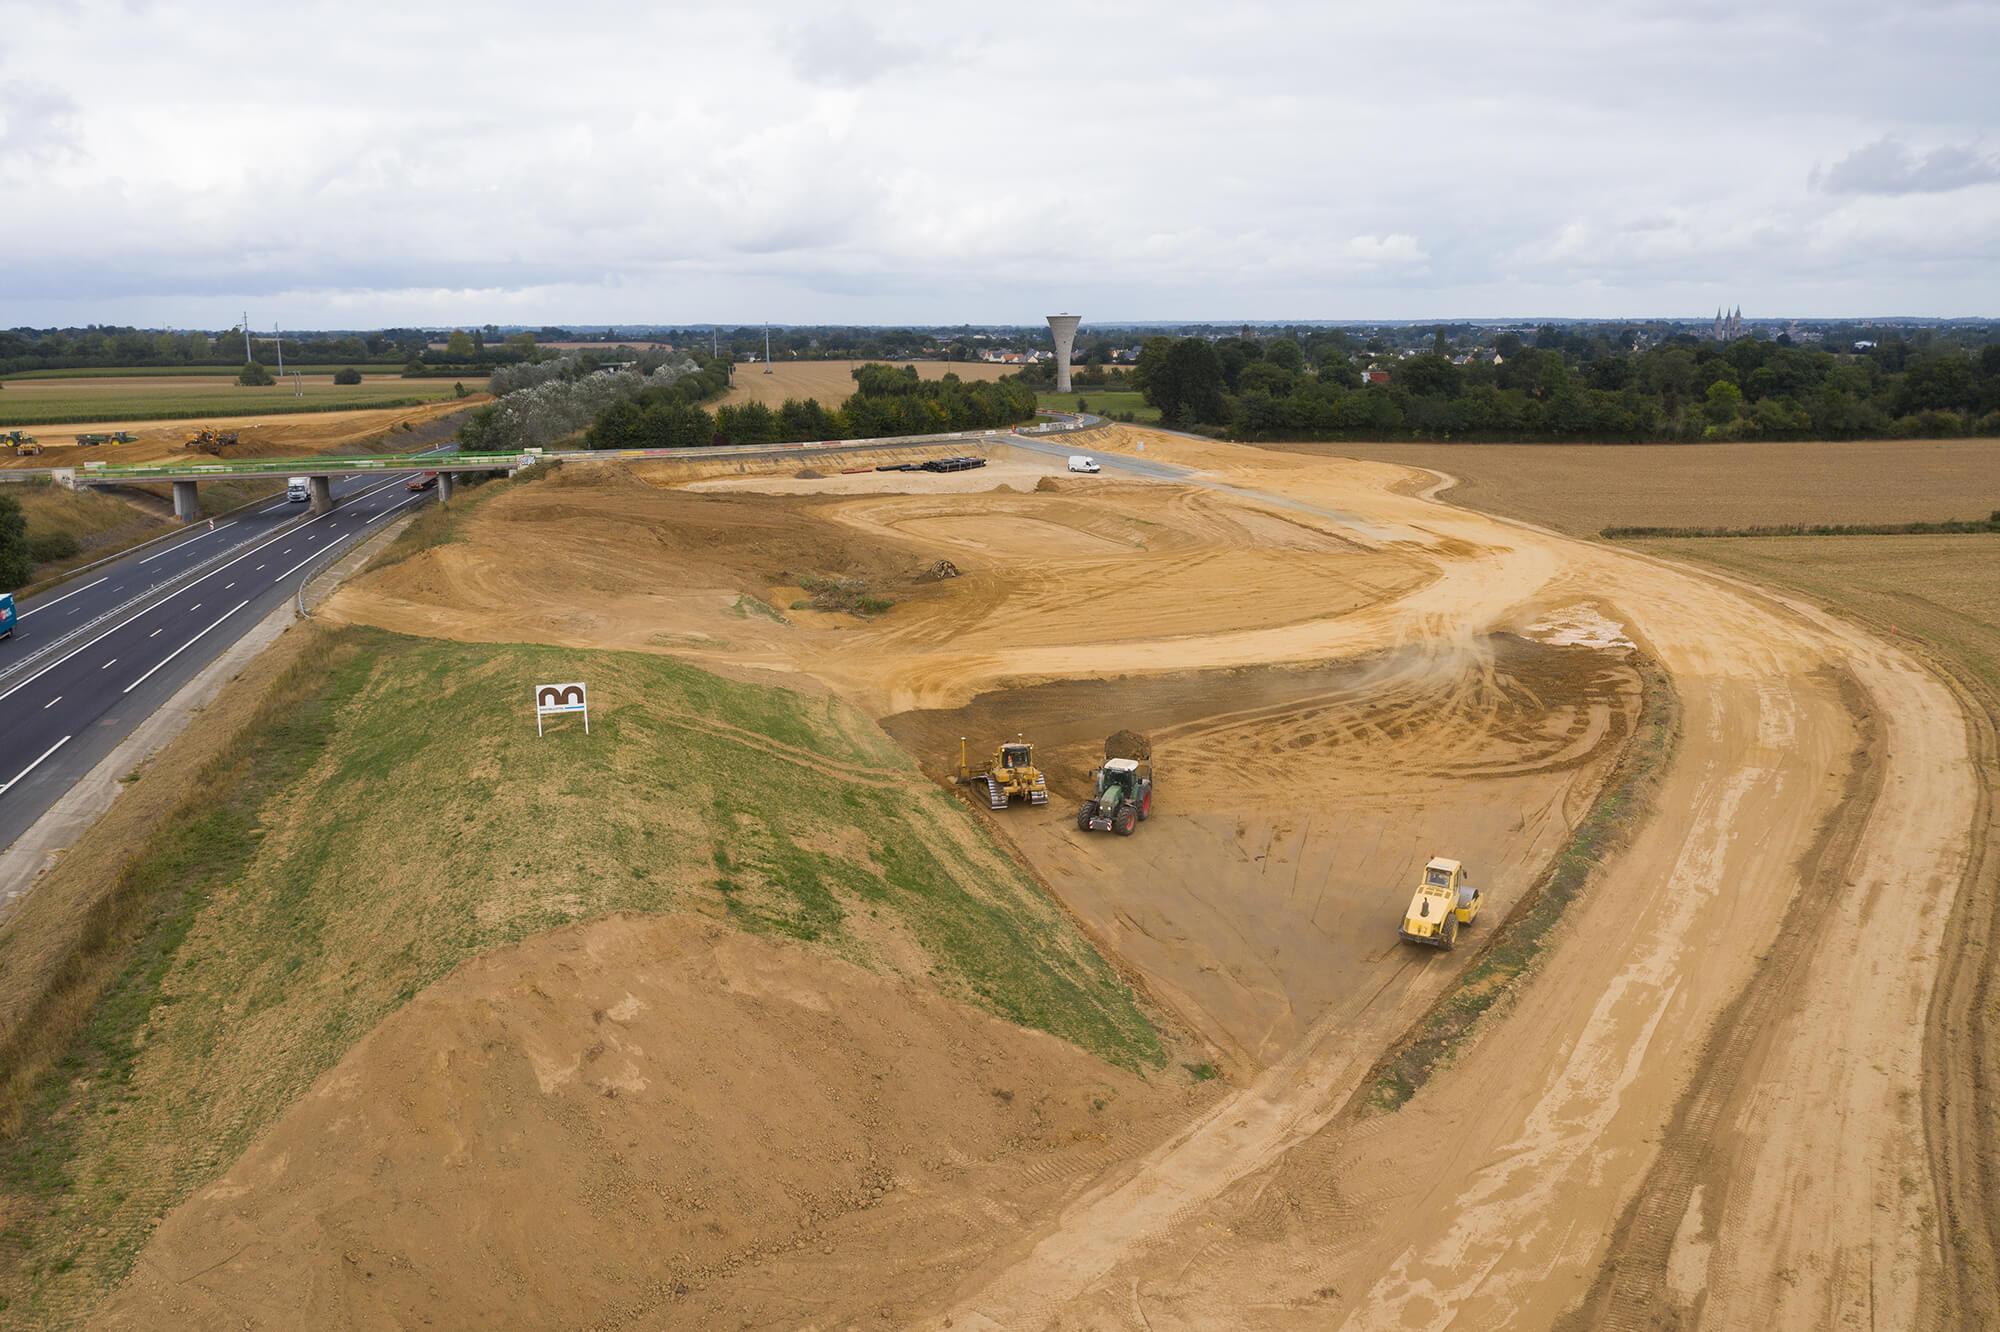 Mastell chantier Monceaux en Bessin sept 2019 (5)